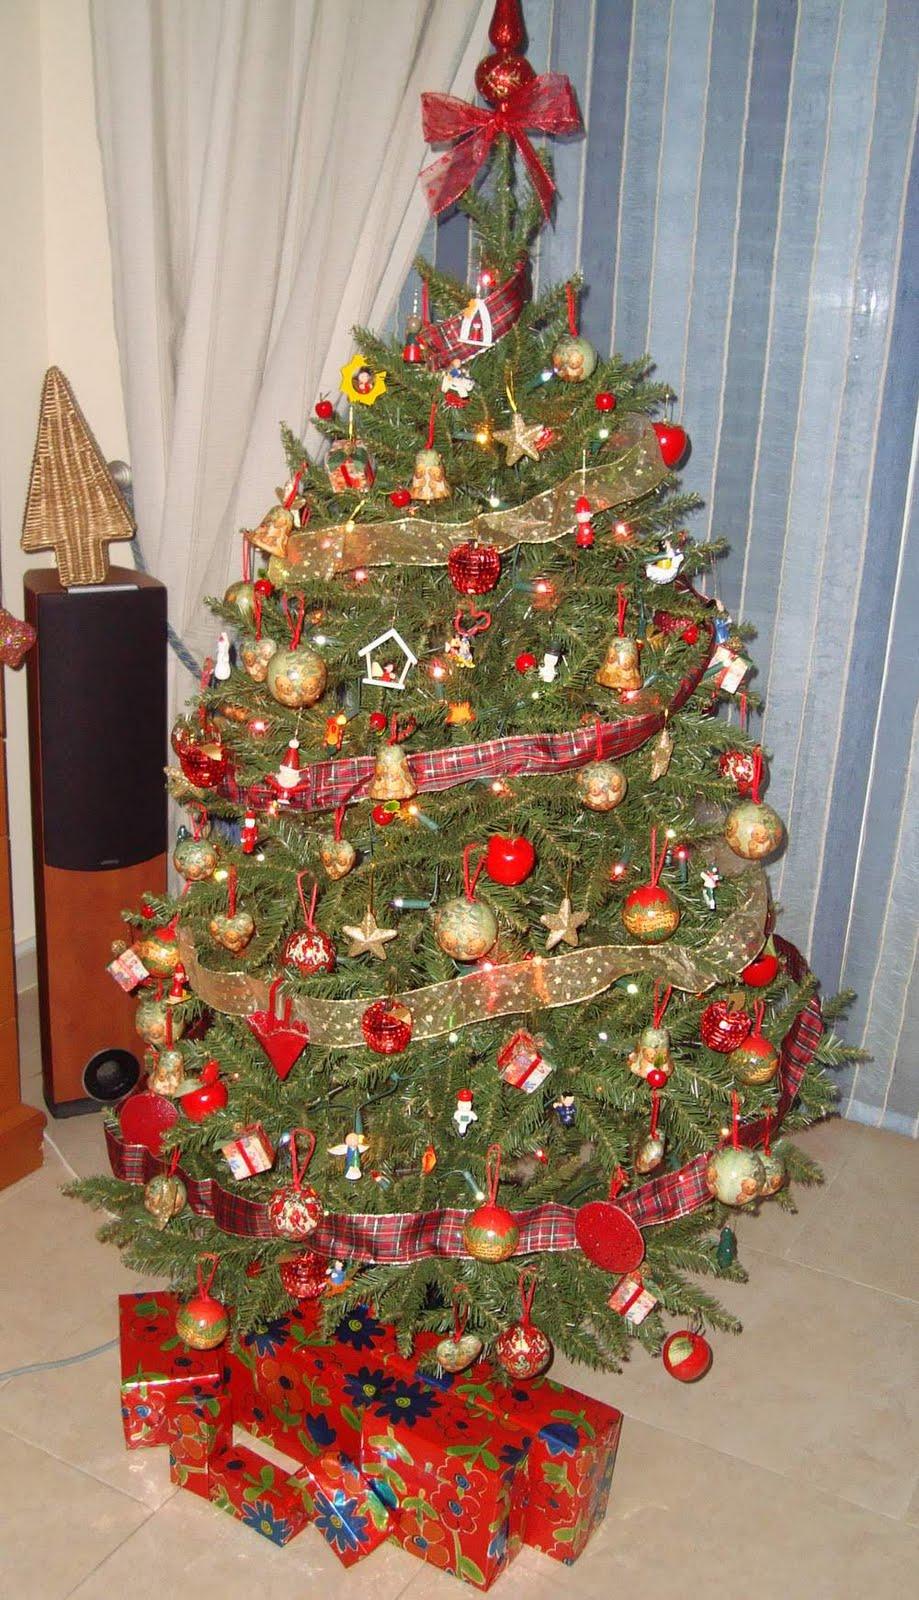 Como decorar un arbol de navidad moderno for Como decorar un arbol de navidad